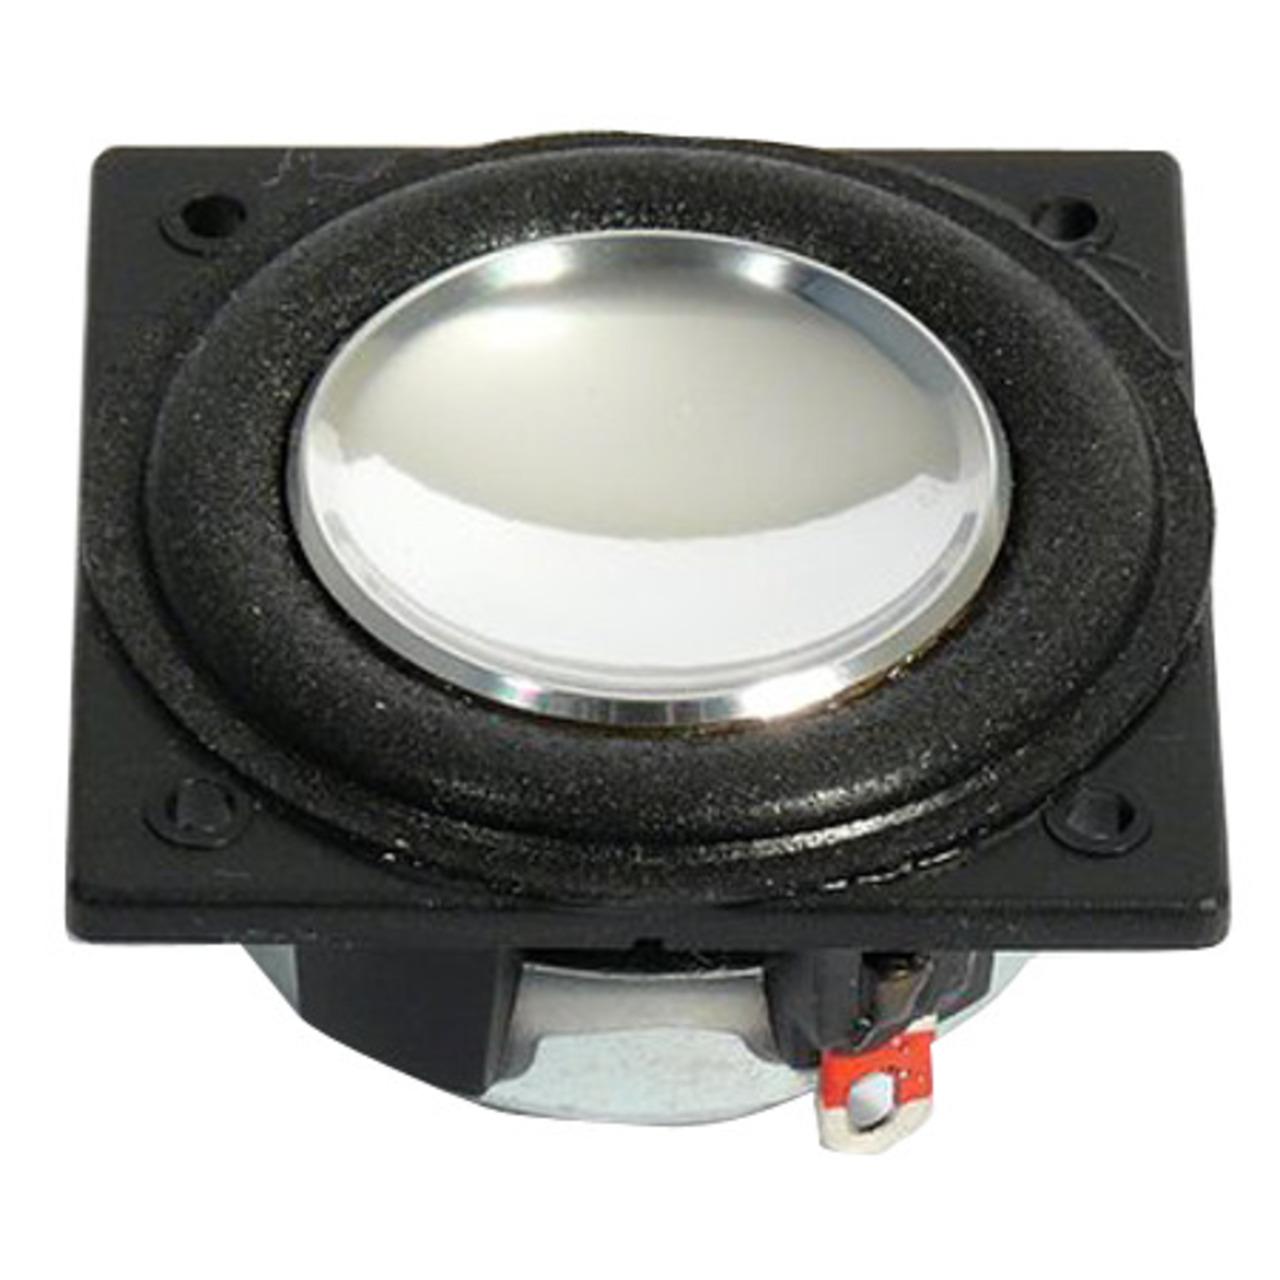 VISATON Kleinlautsprecher mit breitem- ausgewogenem Frequenzgang 3-2 cm- BF 32 - 8 Ohm